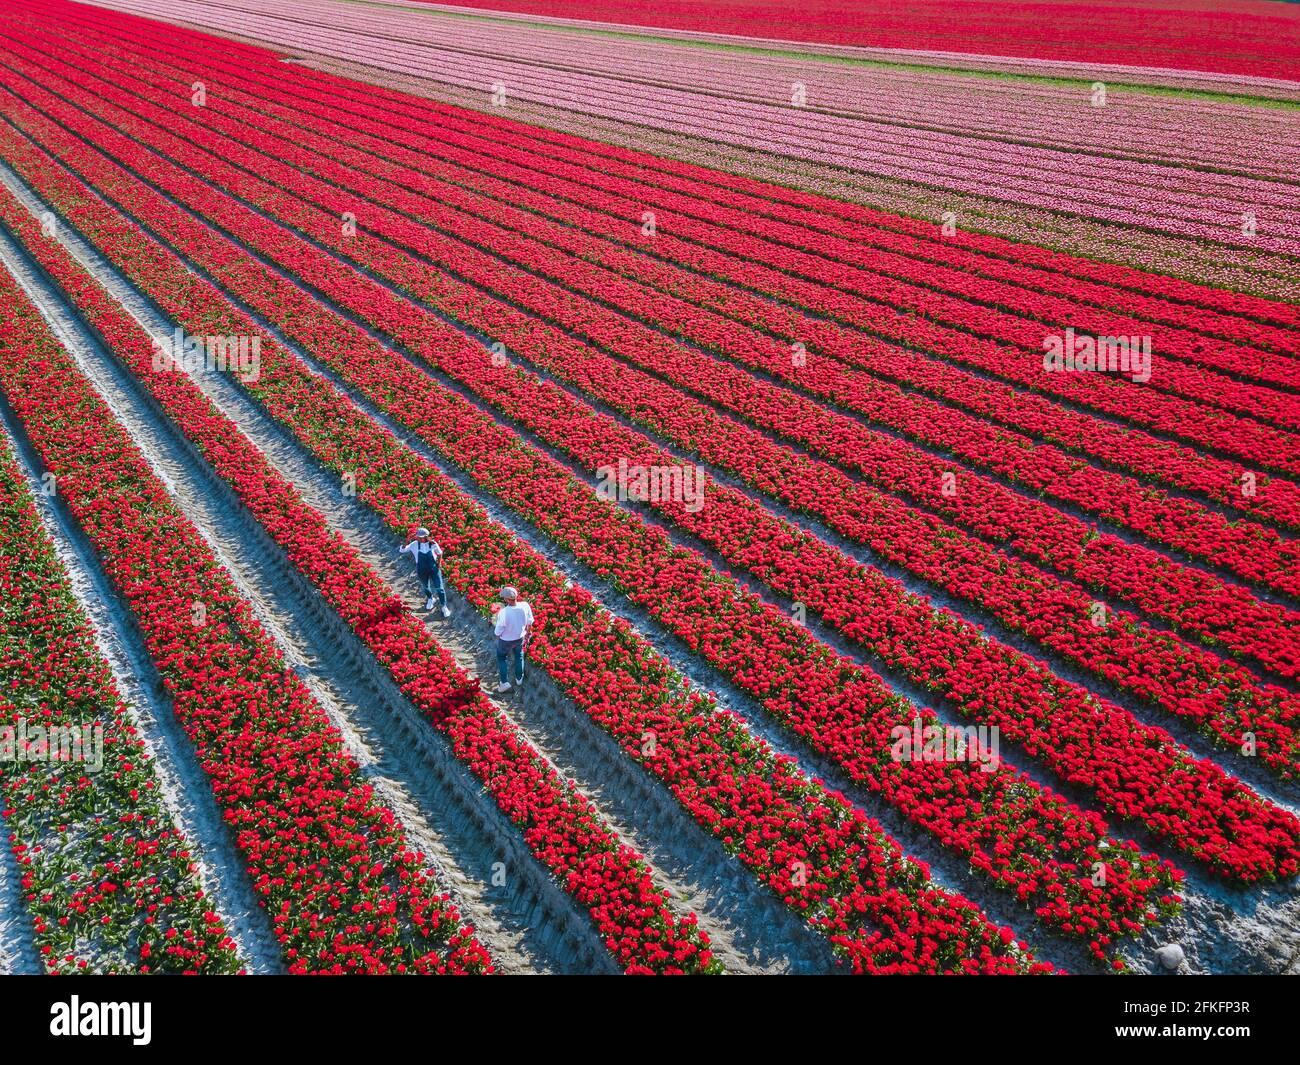 Champ de tulipes aux pays-Bas, champs de tulipes colorés à Flevoland Noordoosstpolder Hollande, vues de printemps néerlandais aux pays-Bas, couple homme et femme mi-âge dans champ de fleurs Banque D'Images